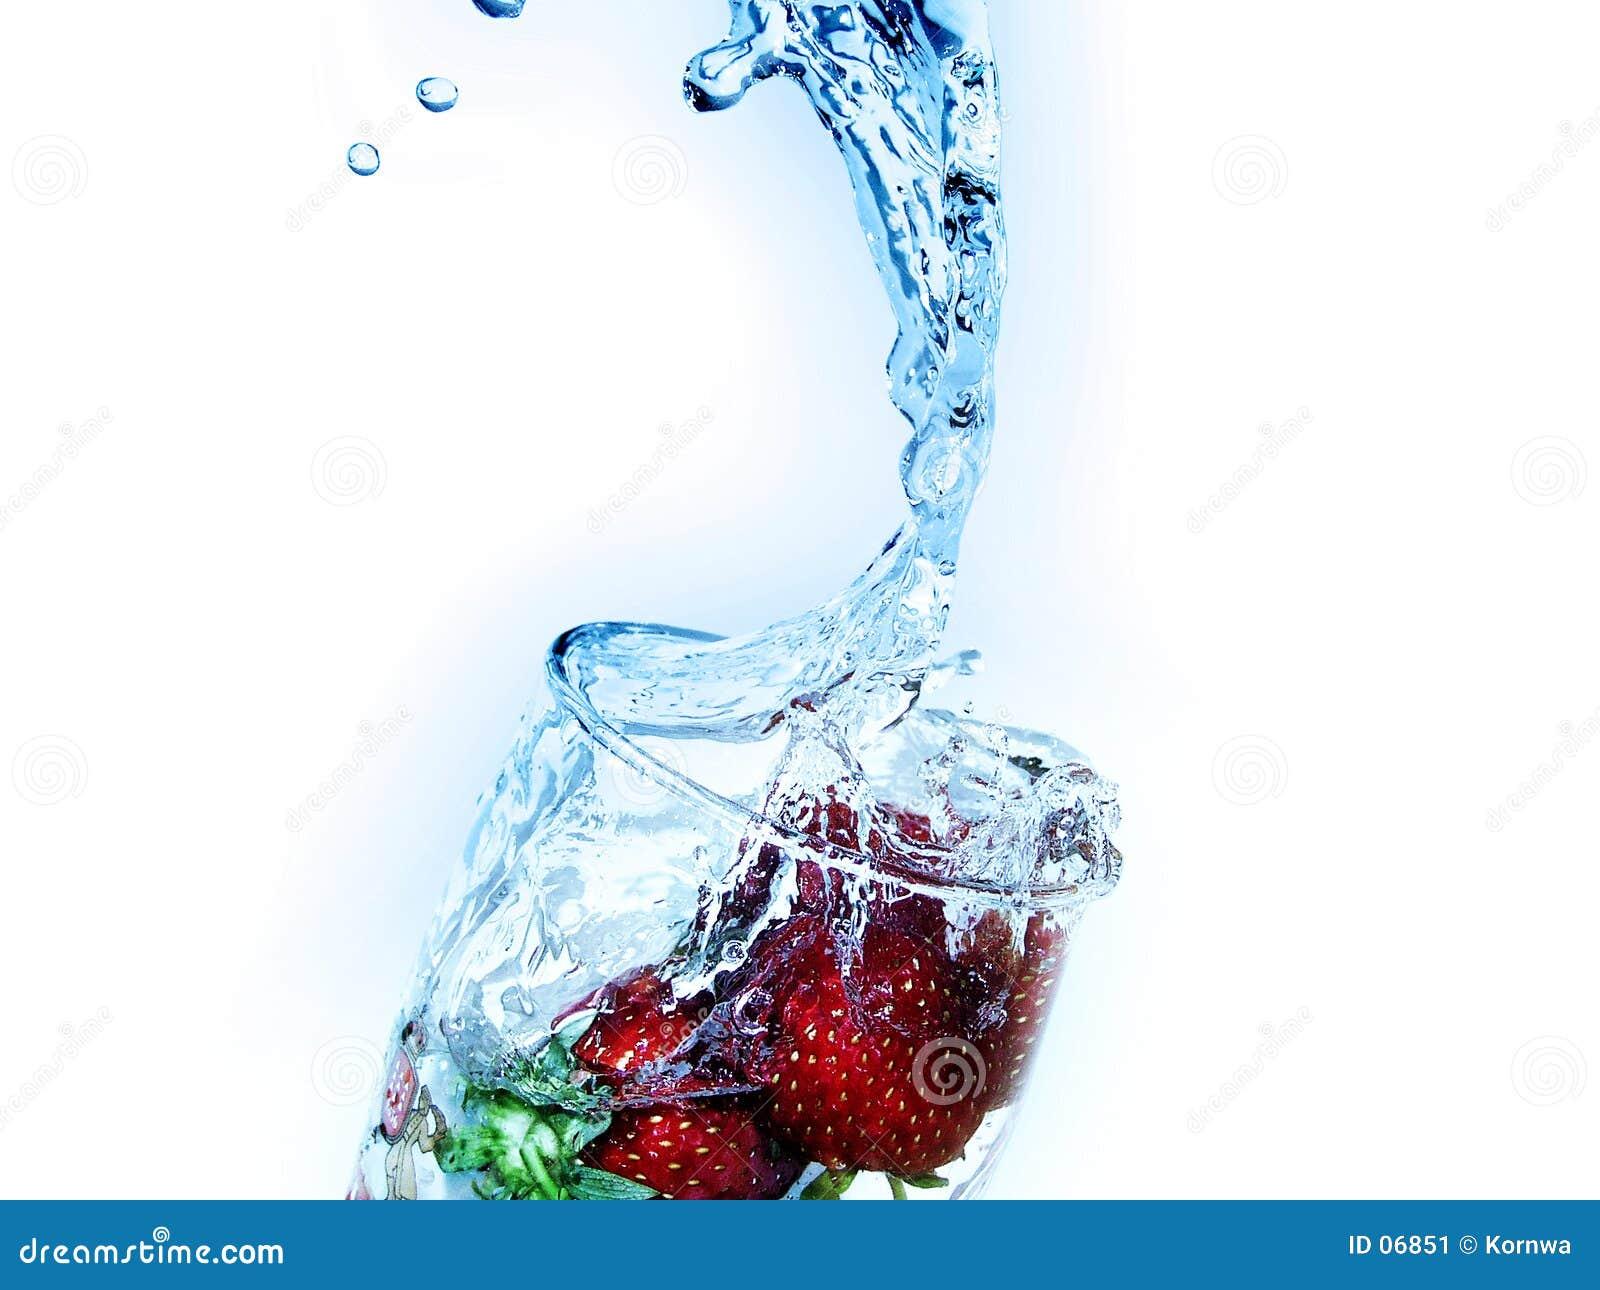 Fresh drink